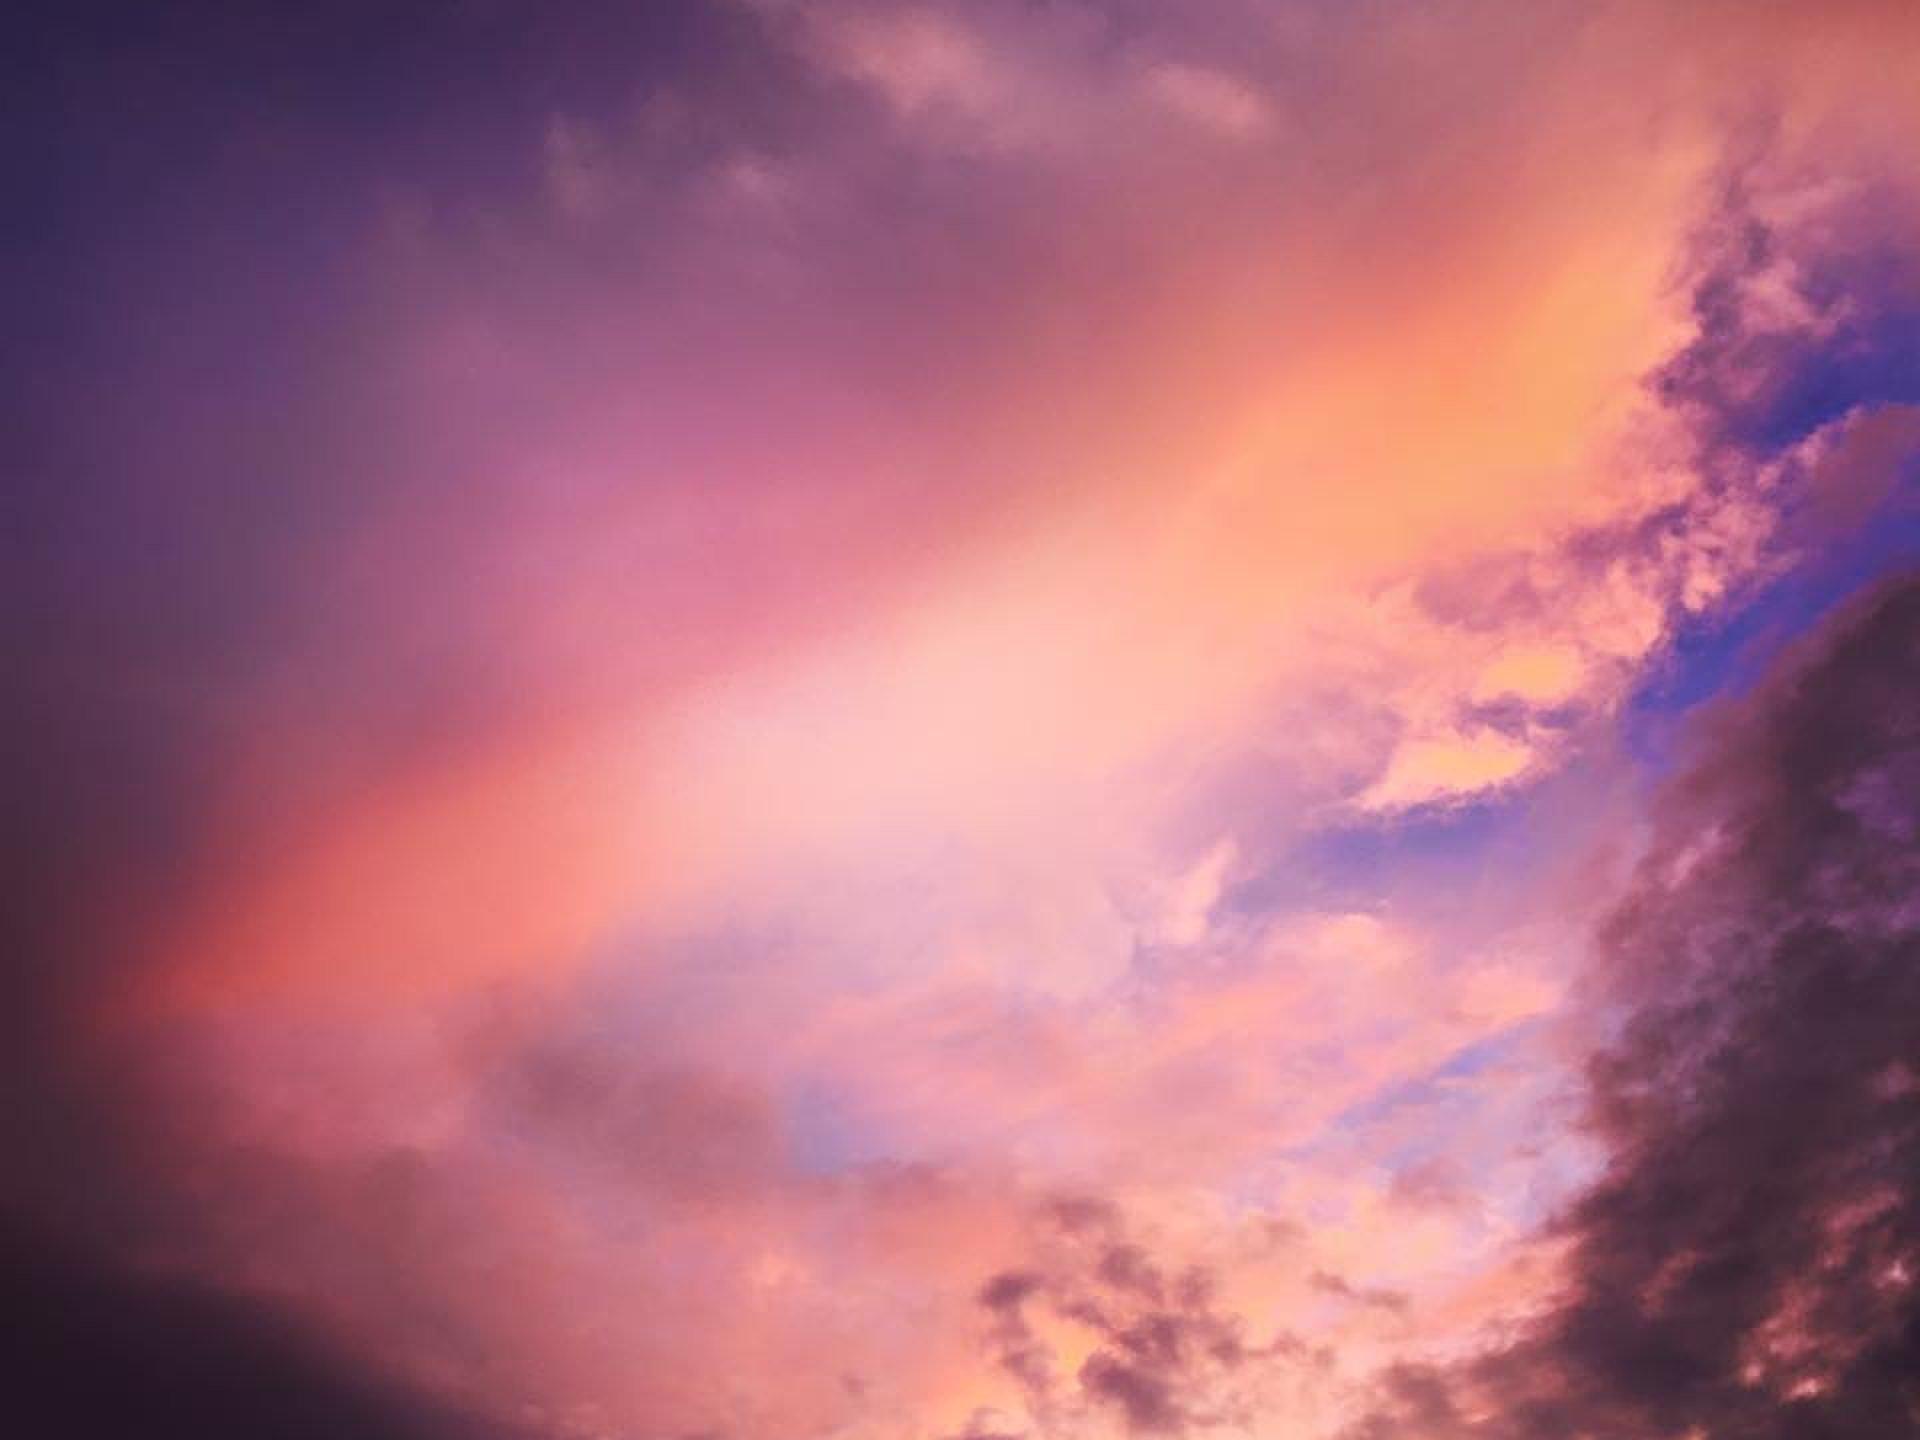 たまには空を眺めて美を感じよう。美しい空をスマホで撮ってみた。【東京編】